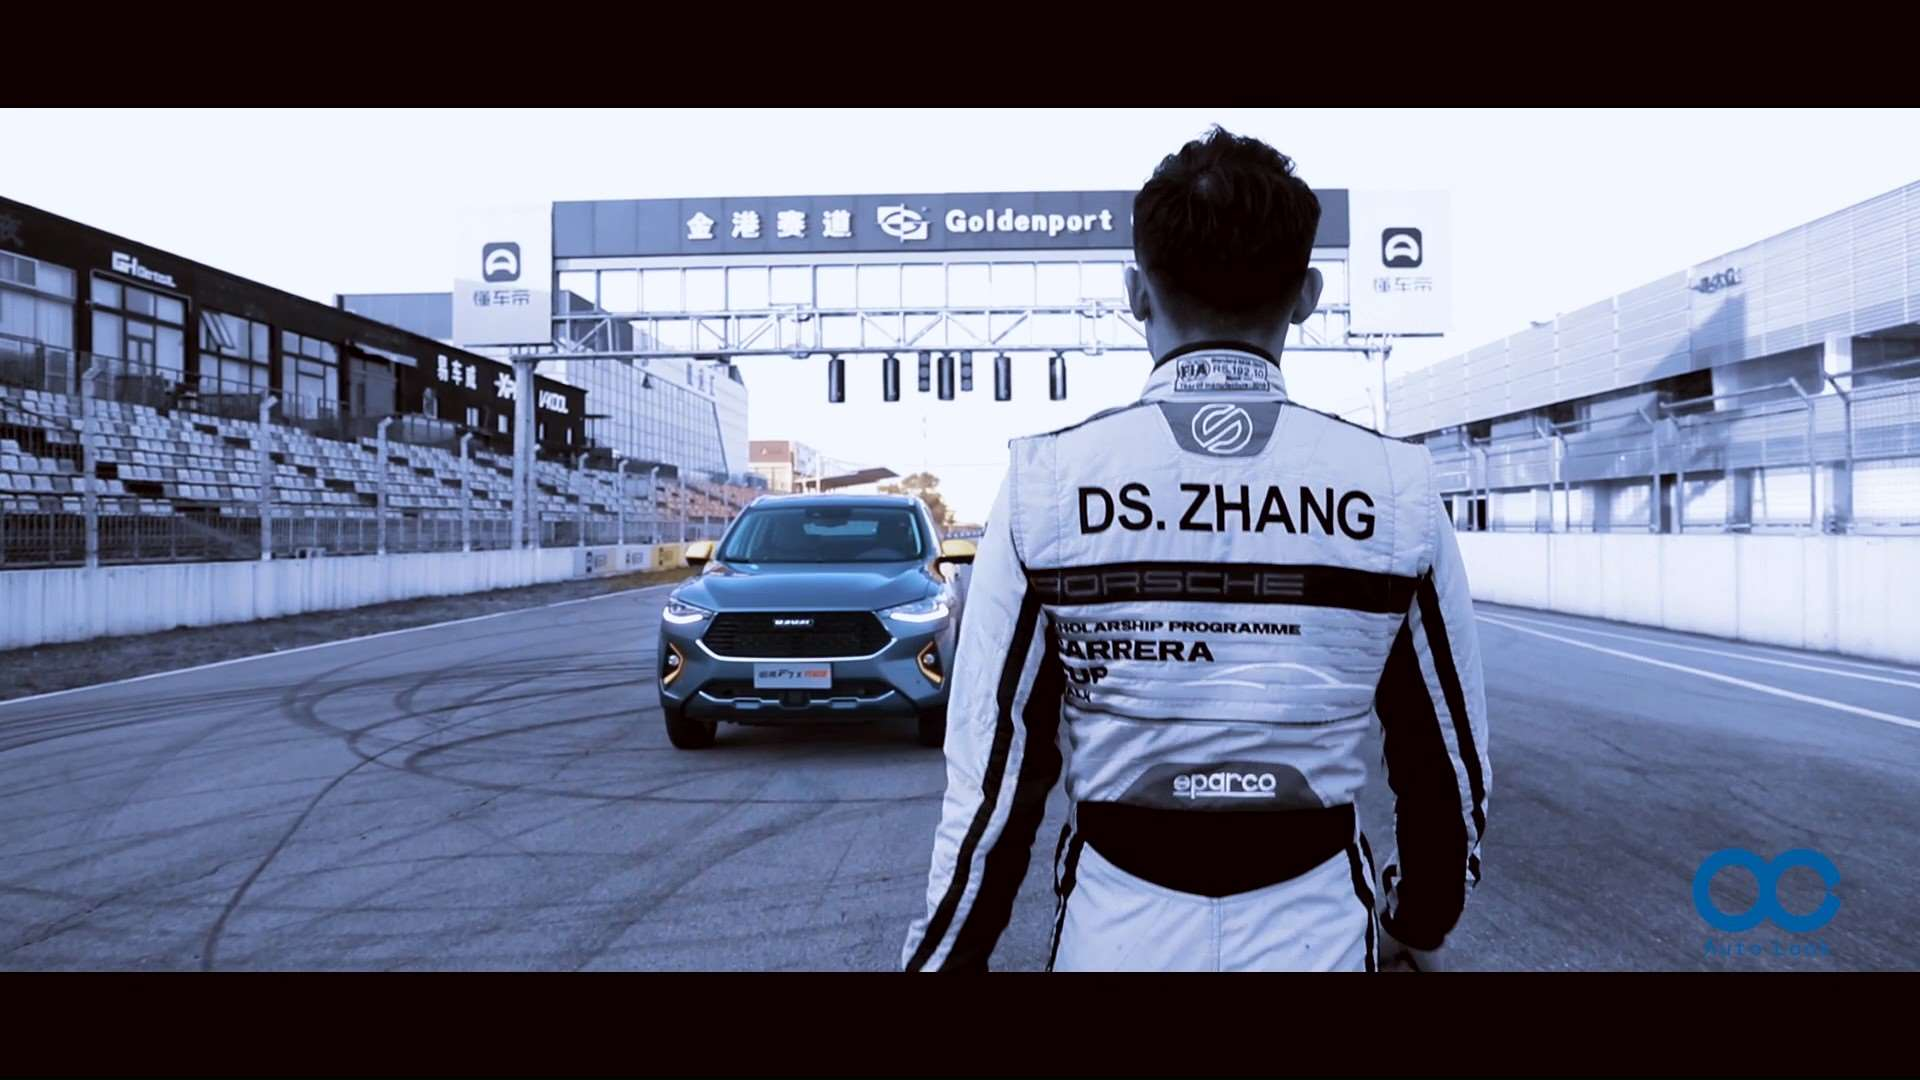 1分29!哈弗F7x性能版挑战北京金港赛道